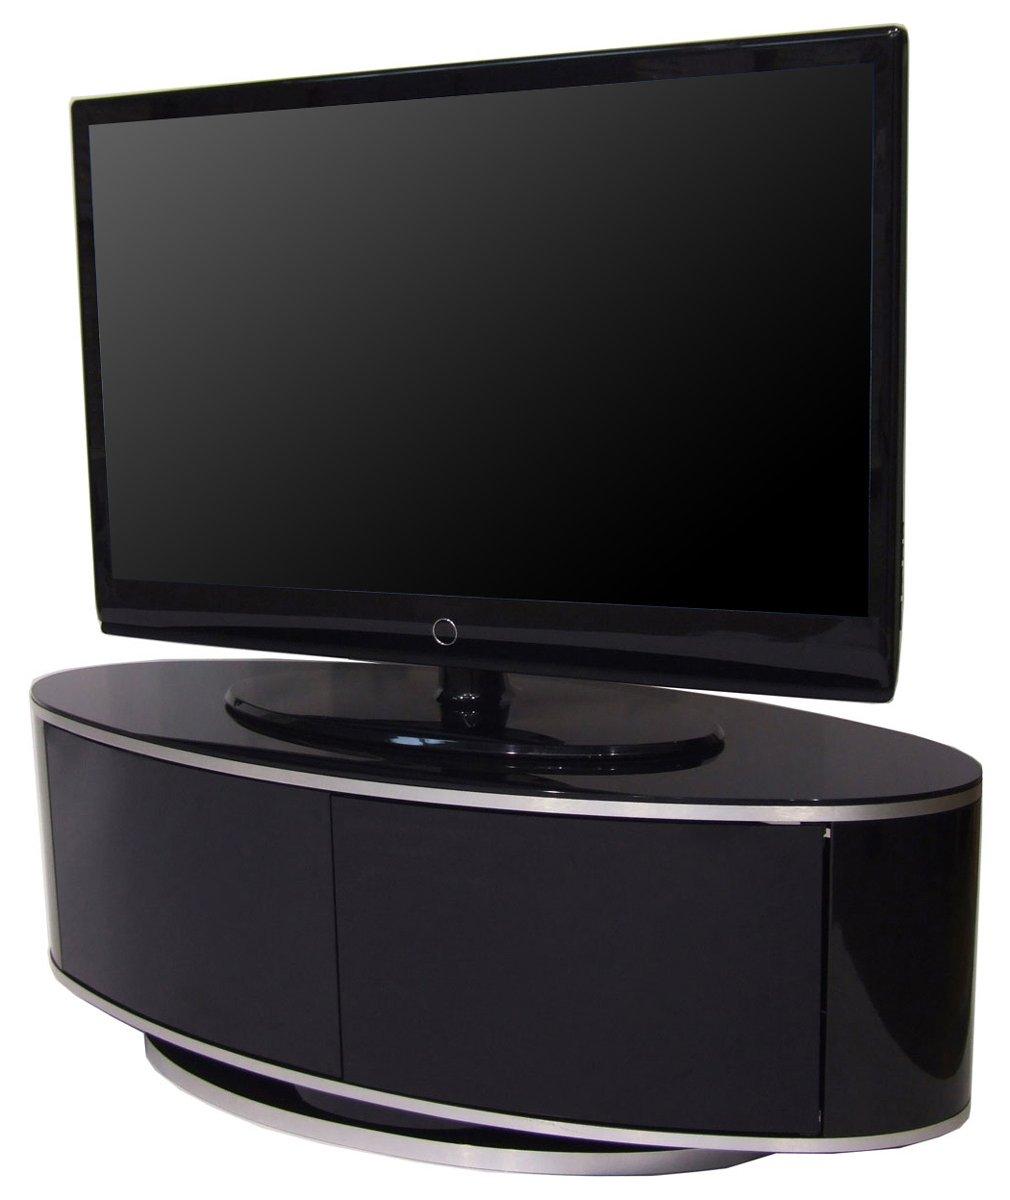 luna high gloss black oval tv cabinet. Black Bedroom Furniture Sets. Home Design Ideas